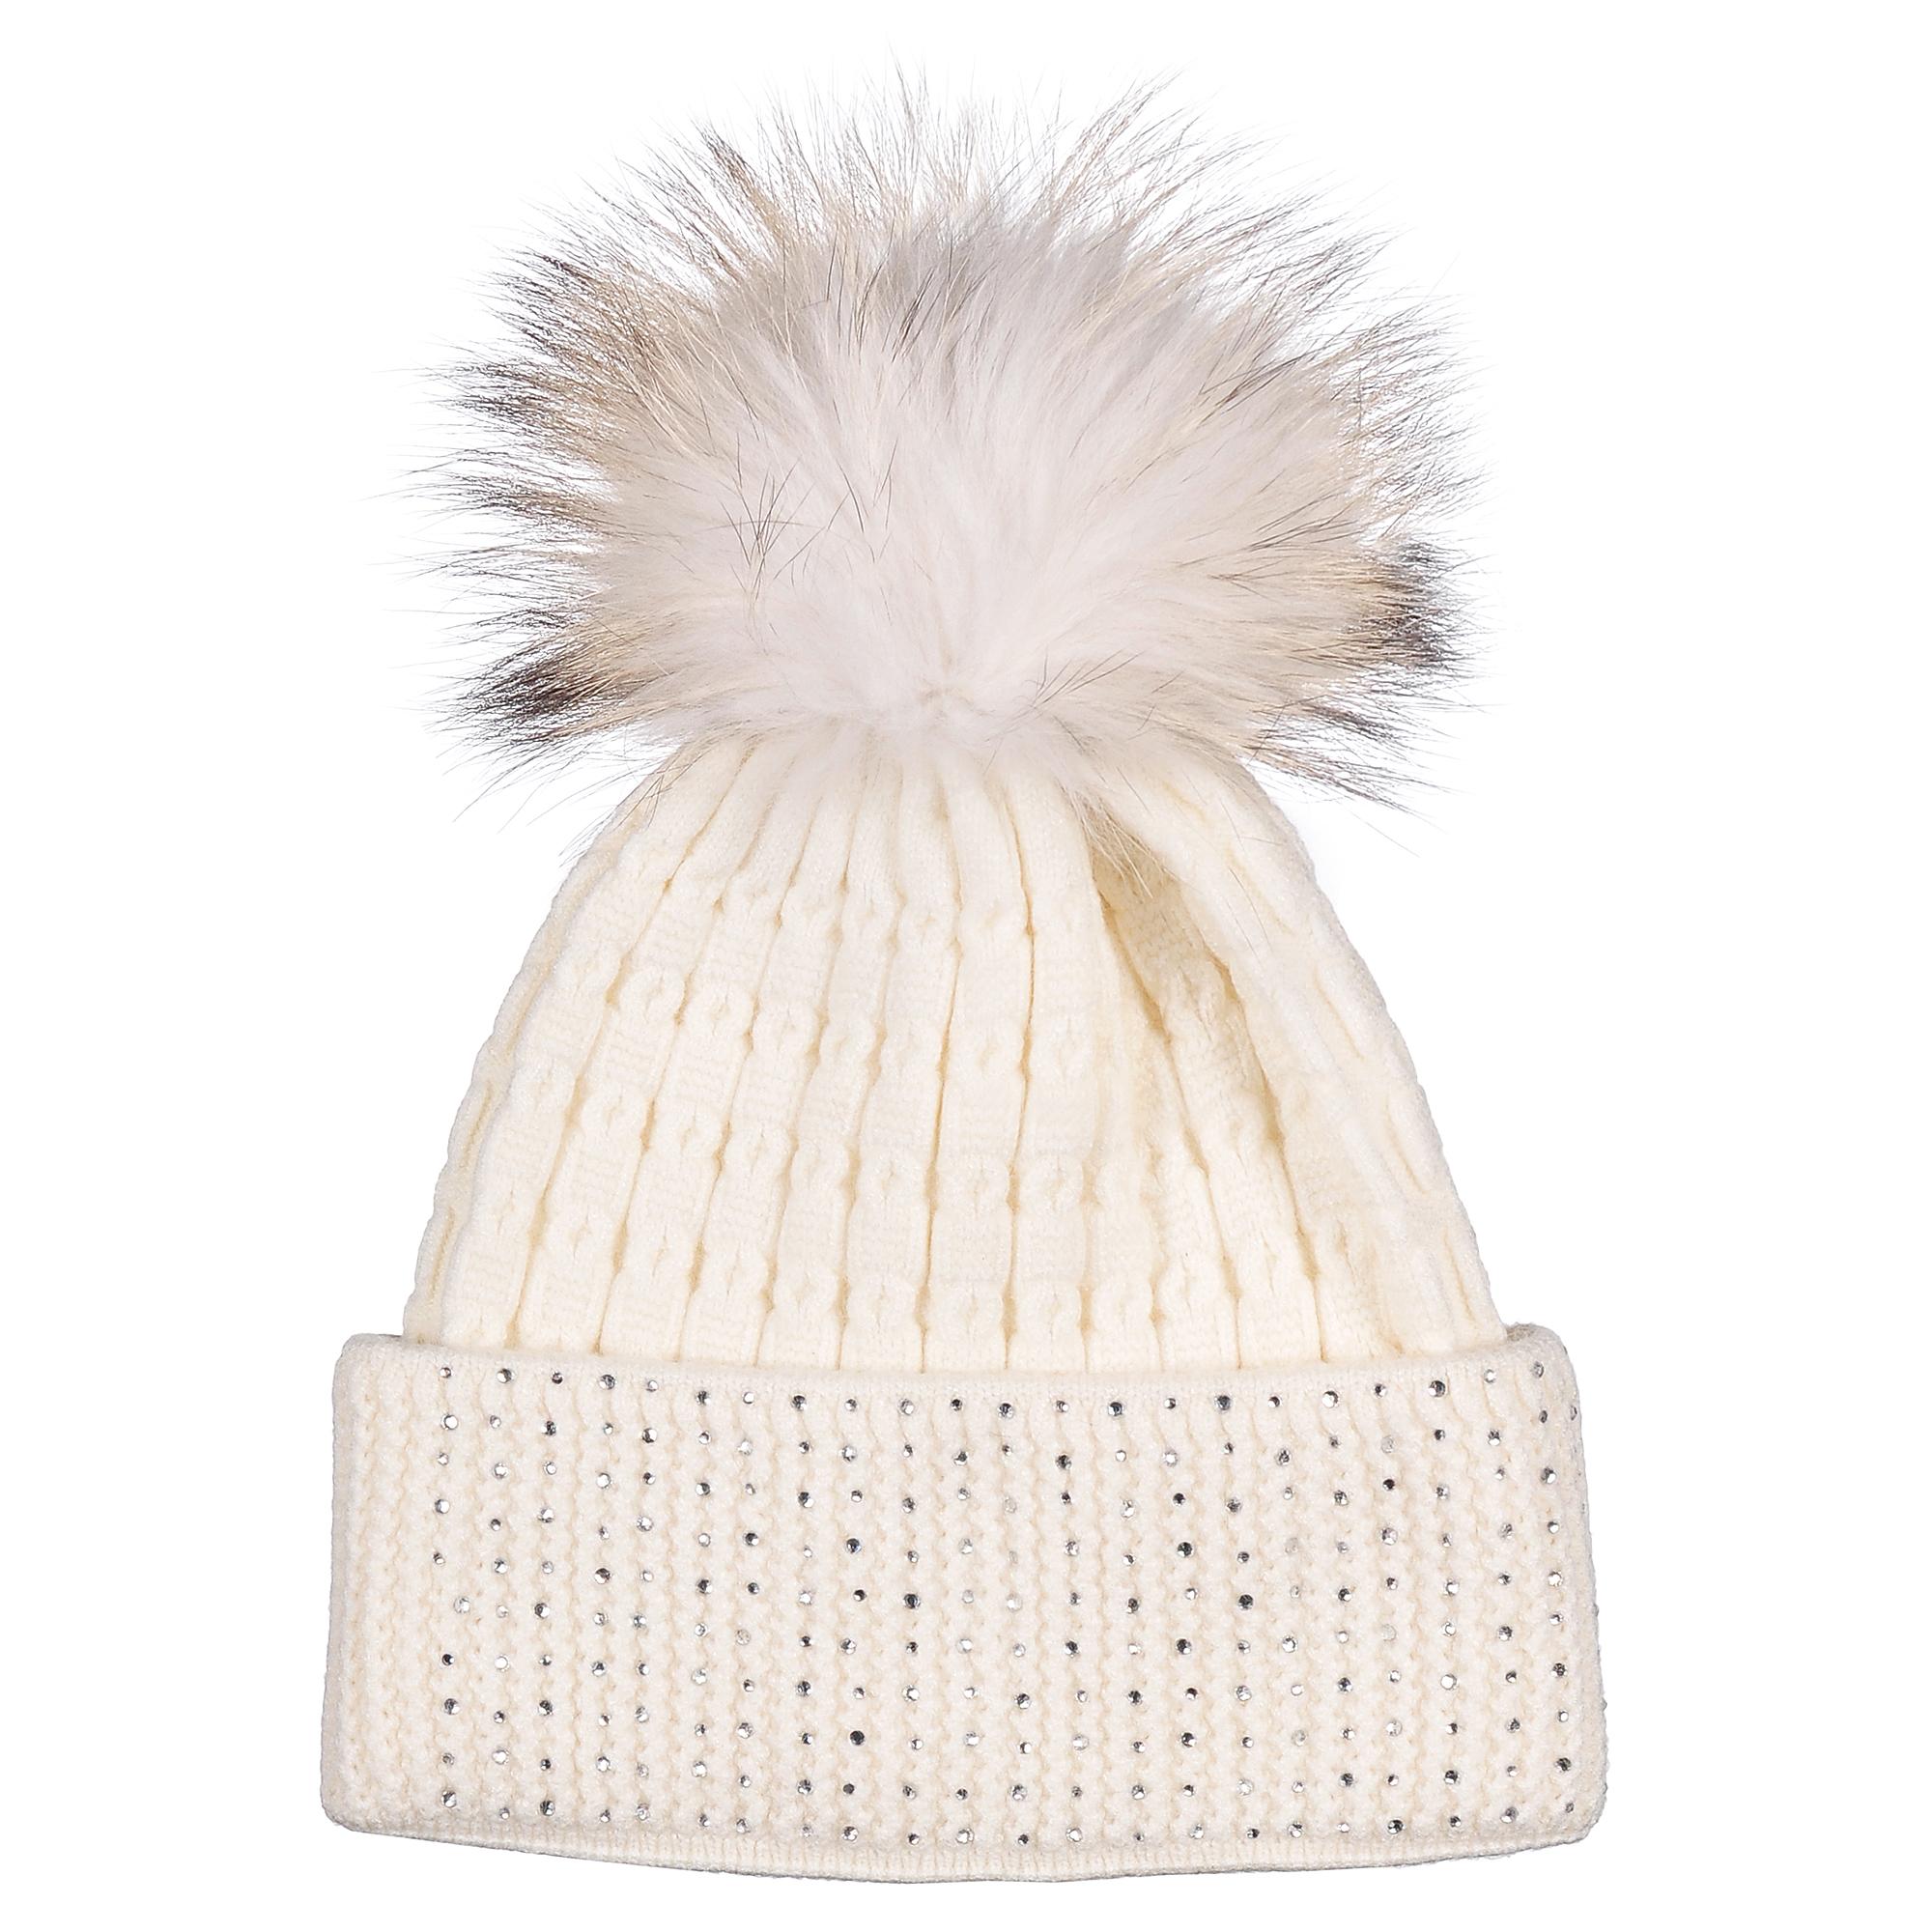 Шапка4-0050-001Модная теплая однослойная шапка из шерсти с помпоном из натурального меха. Отворот декорирован стразами. Отличный аксессуар защитит в непогоду и подарит ощущение теплоты.